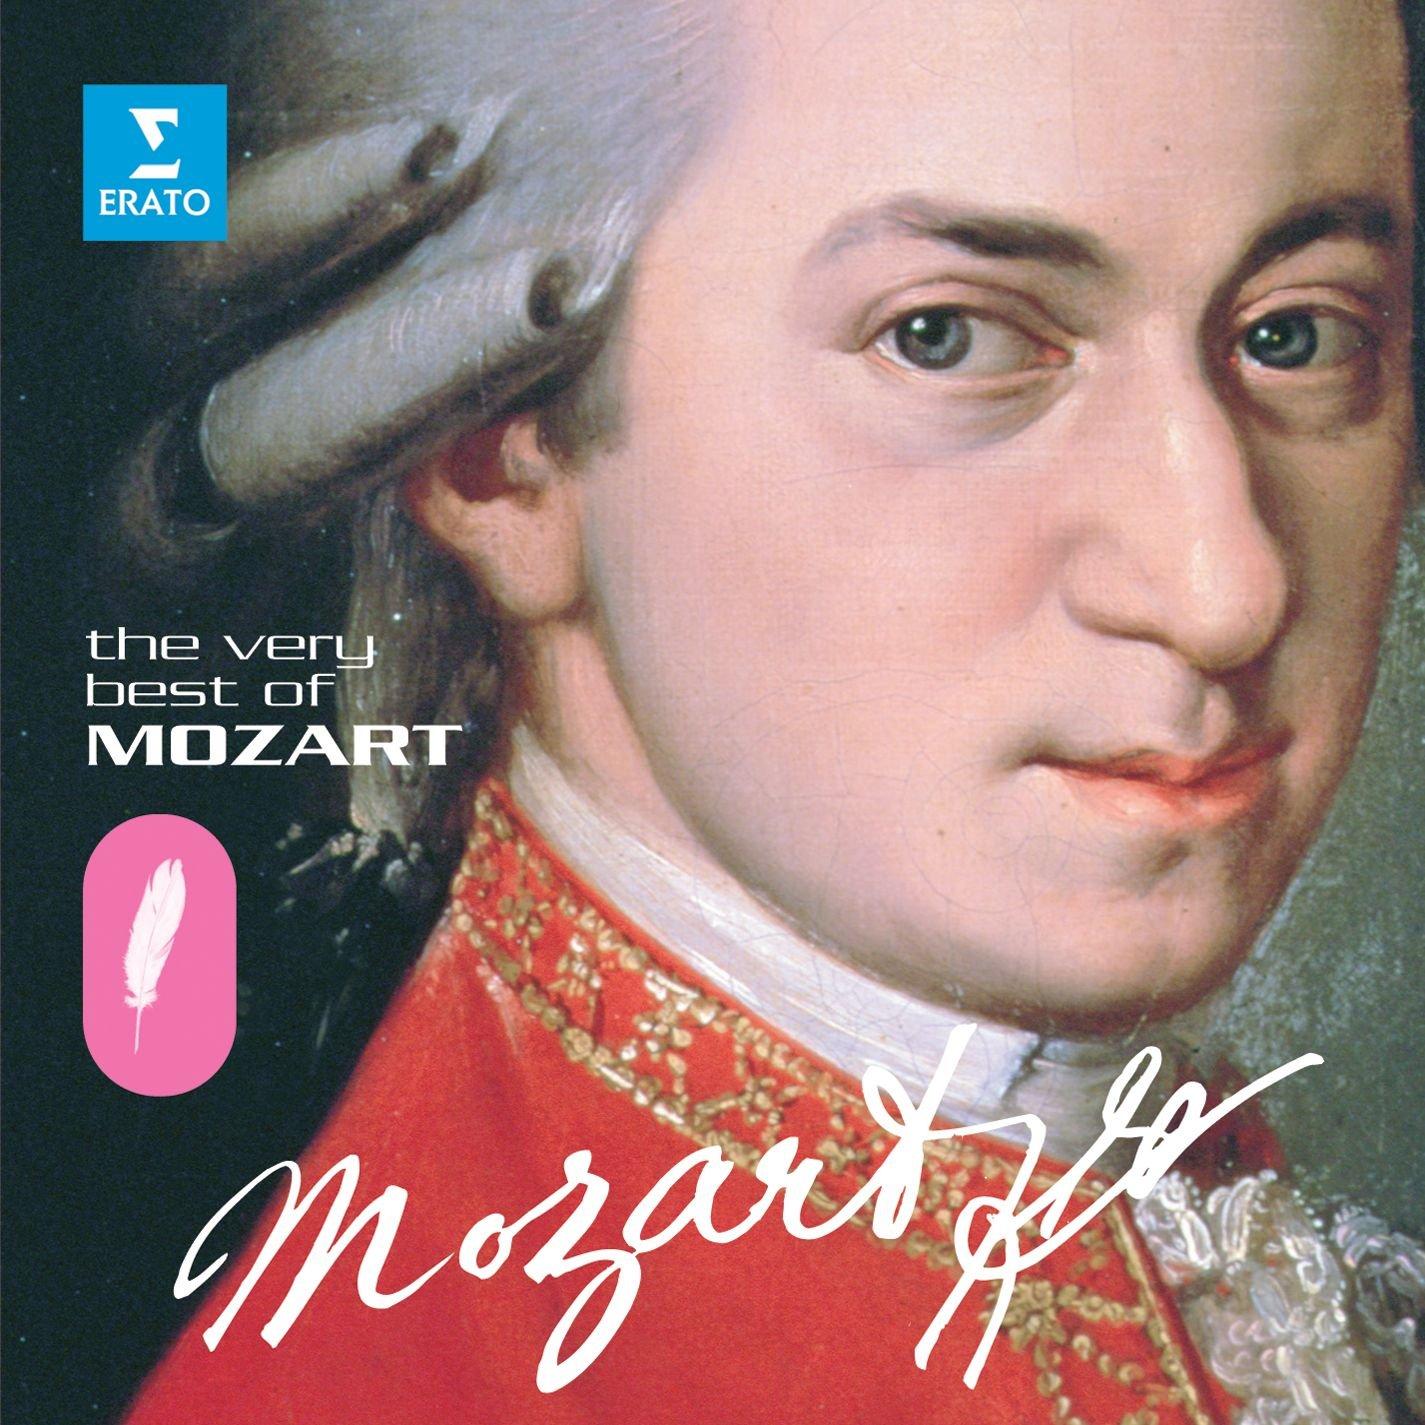 The Very Best of Mozart: Amazon.de: Musik